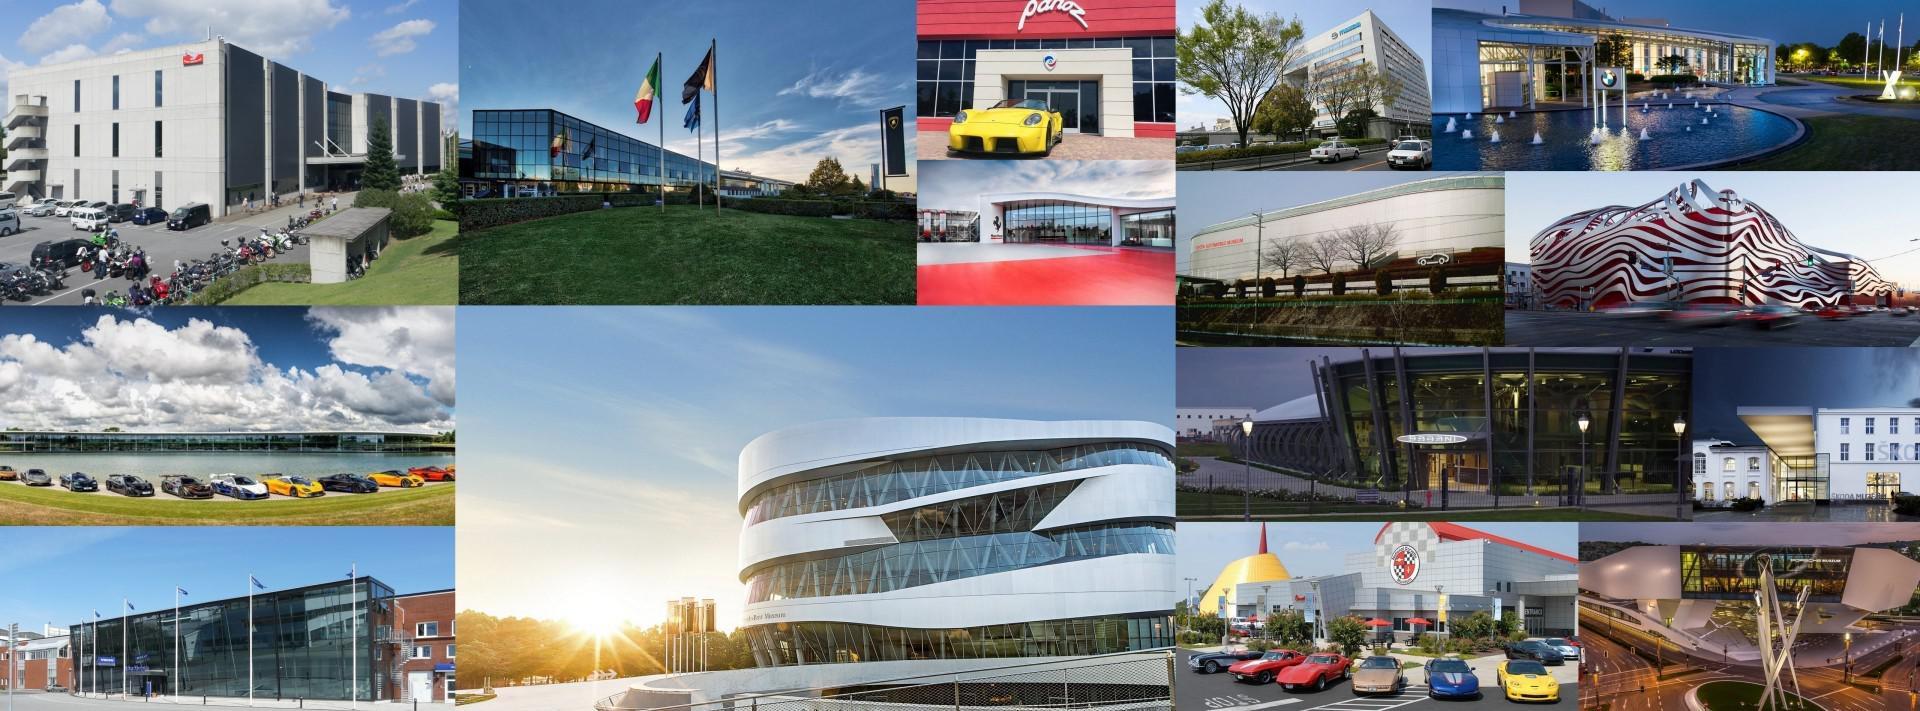 Visite virtuelle: Promenez vous dans15 musées automobiles sans jamais quitter votre domicile !